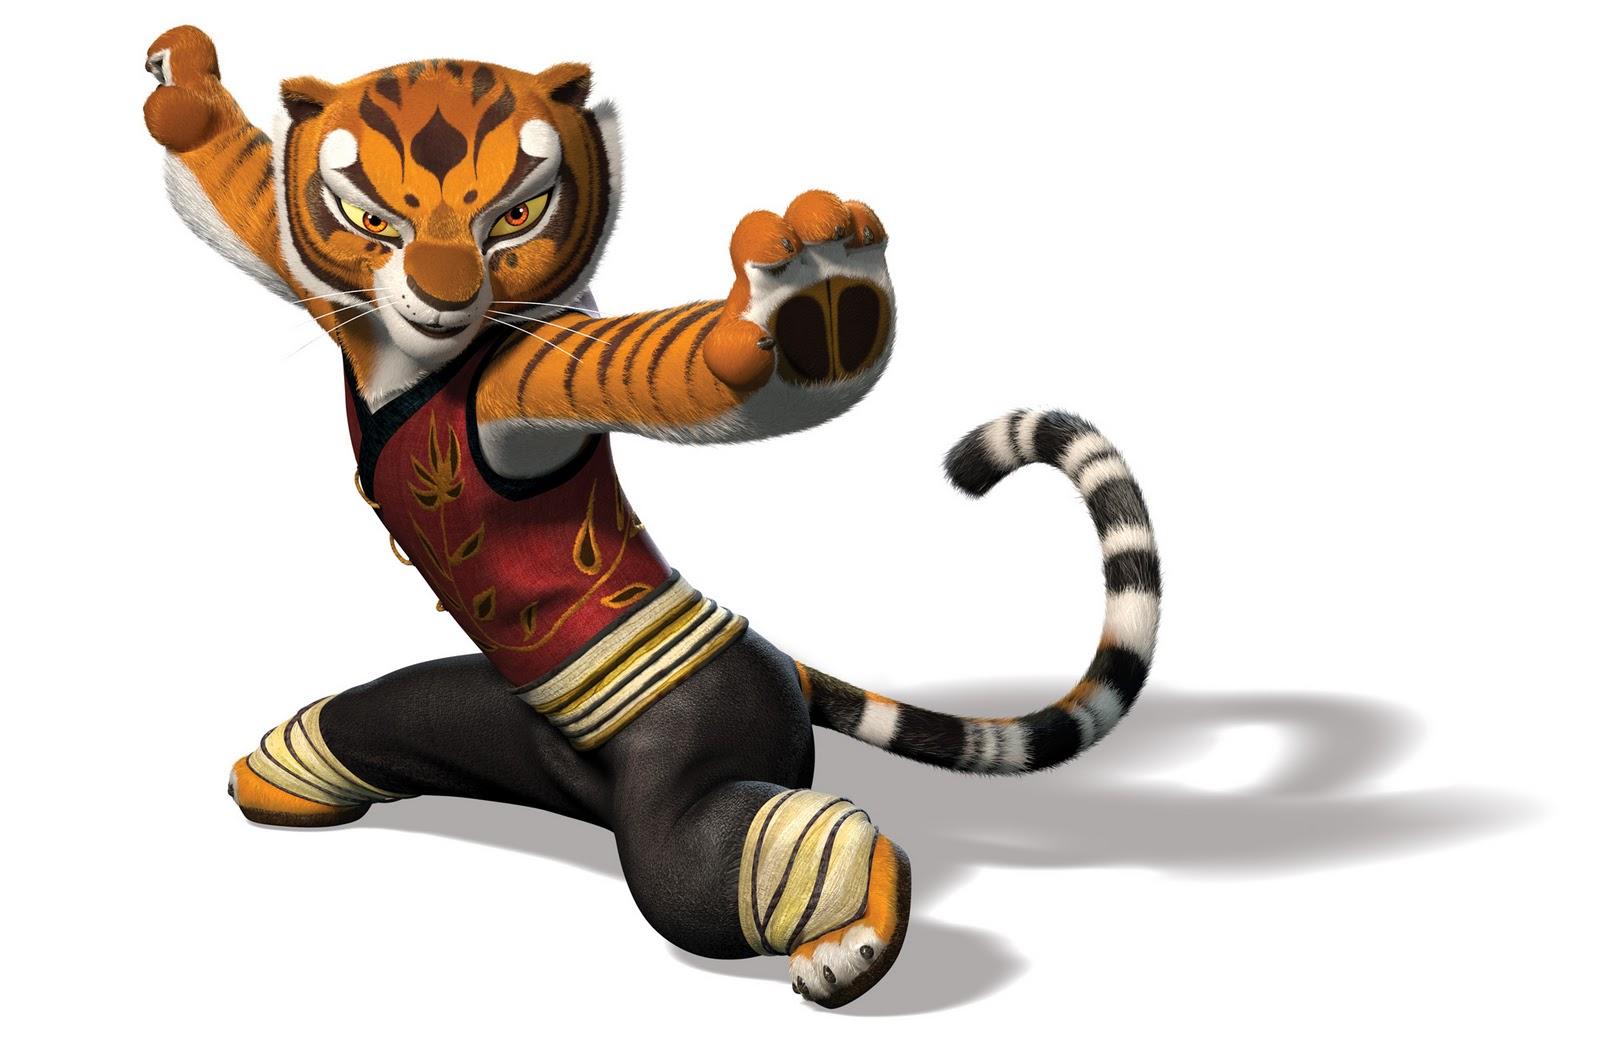 http://3.bp.blogspot.com/-7NjLVkr3xoY/Te0d6Blrp-I/AAAAAAAAUZ8/cKH9cC29VOs/s1600/Kung-fu-panda-Tigress-wallpaper.jpg